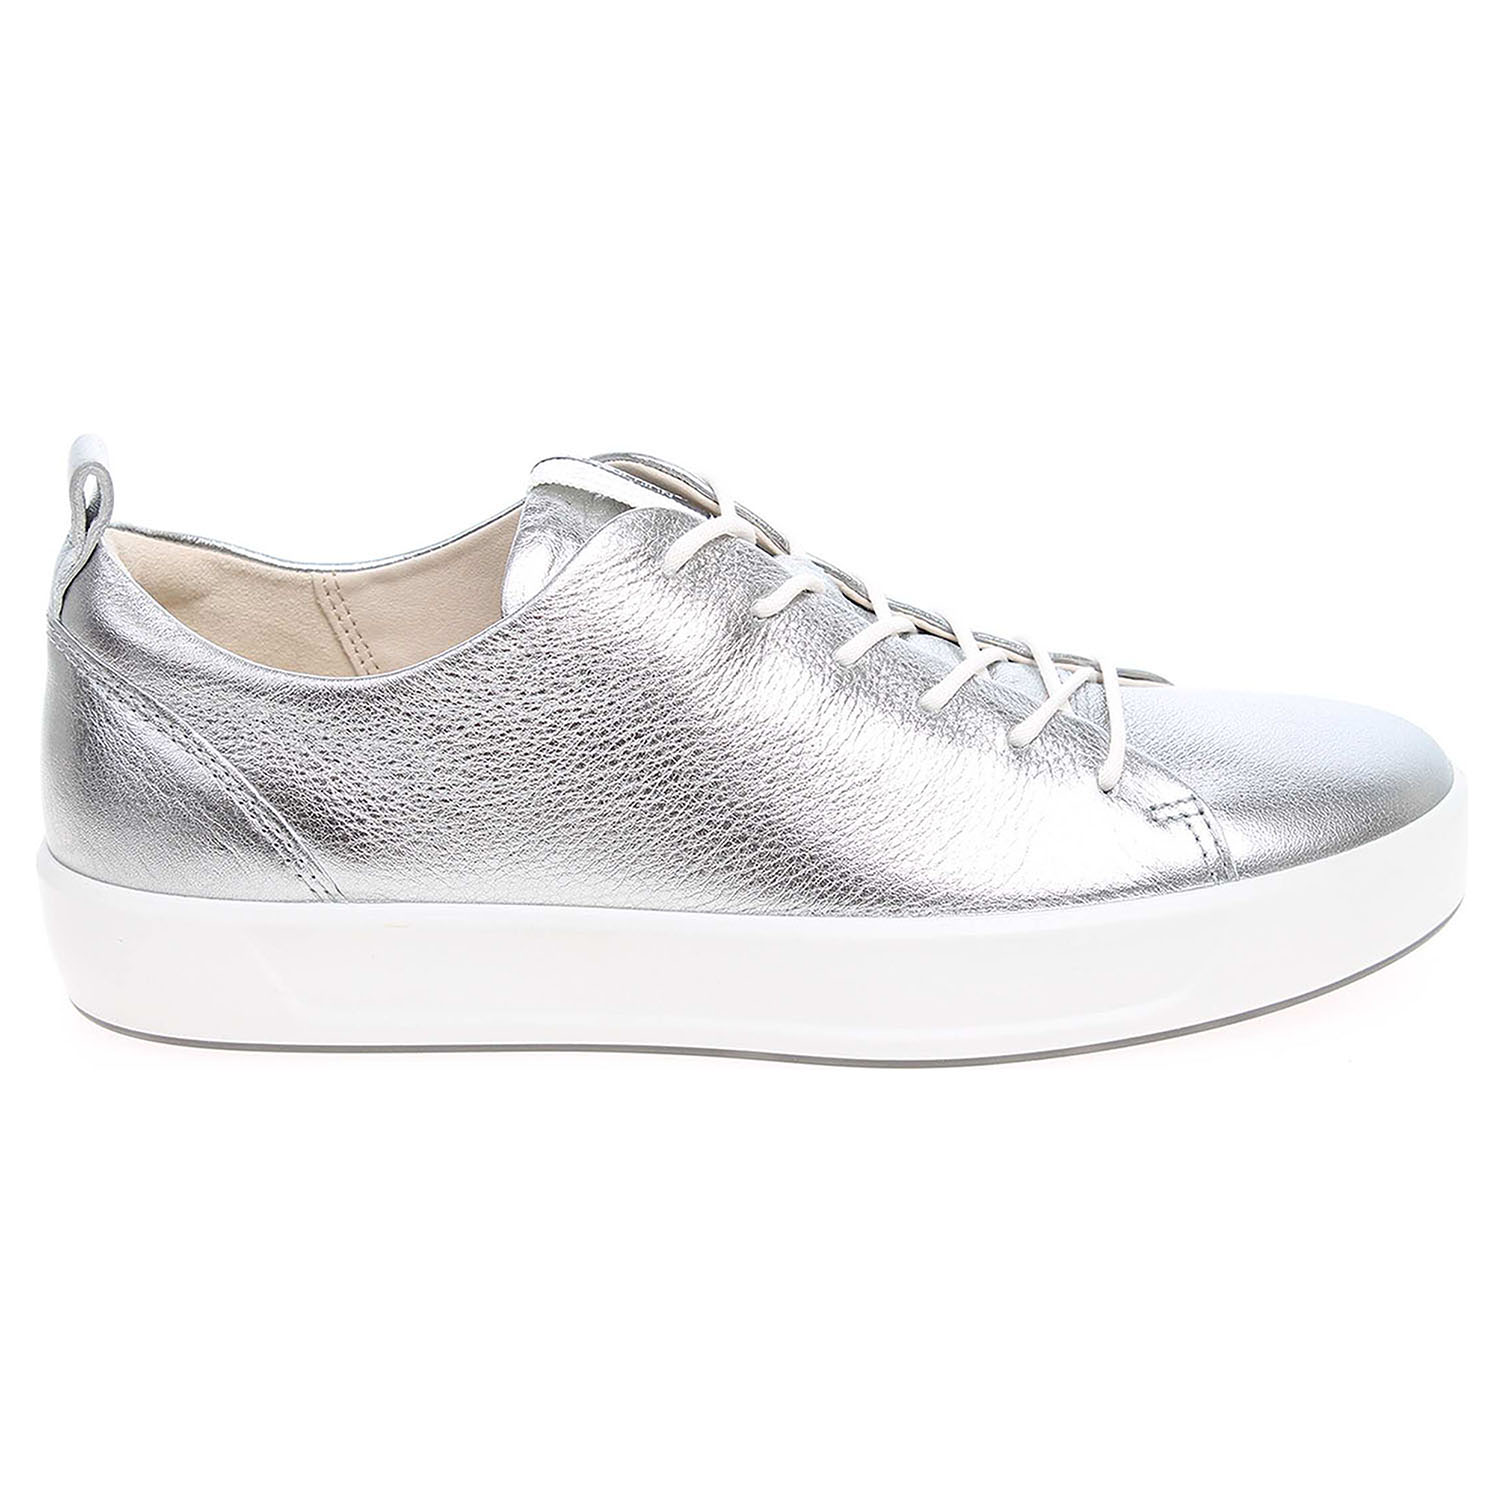 Ecco Ecco Soft 8 Ladies dámská obuv 44050301708 stříbrná 23200645